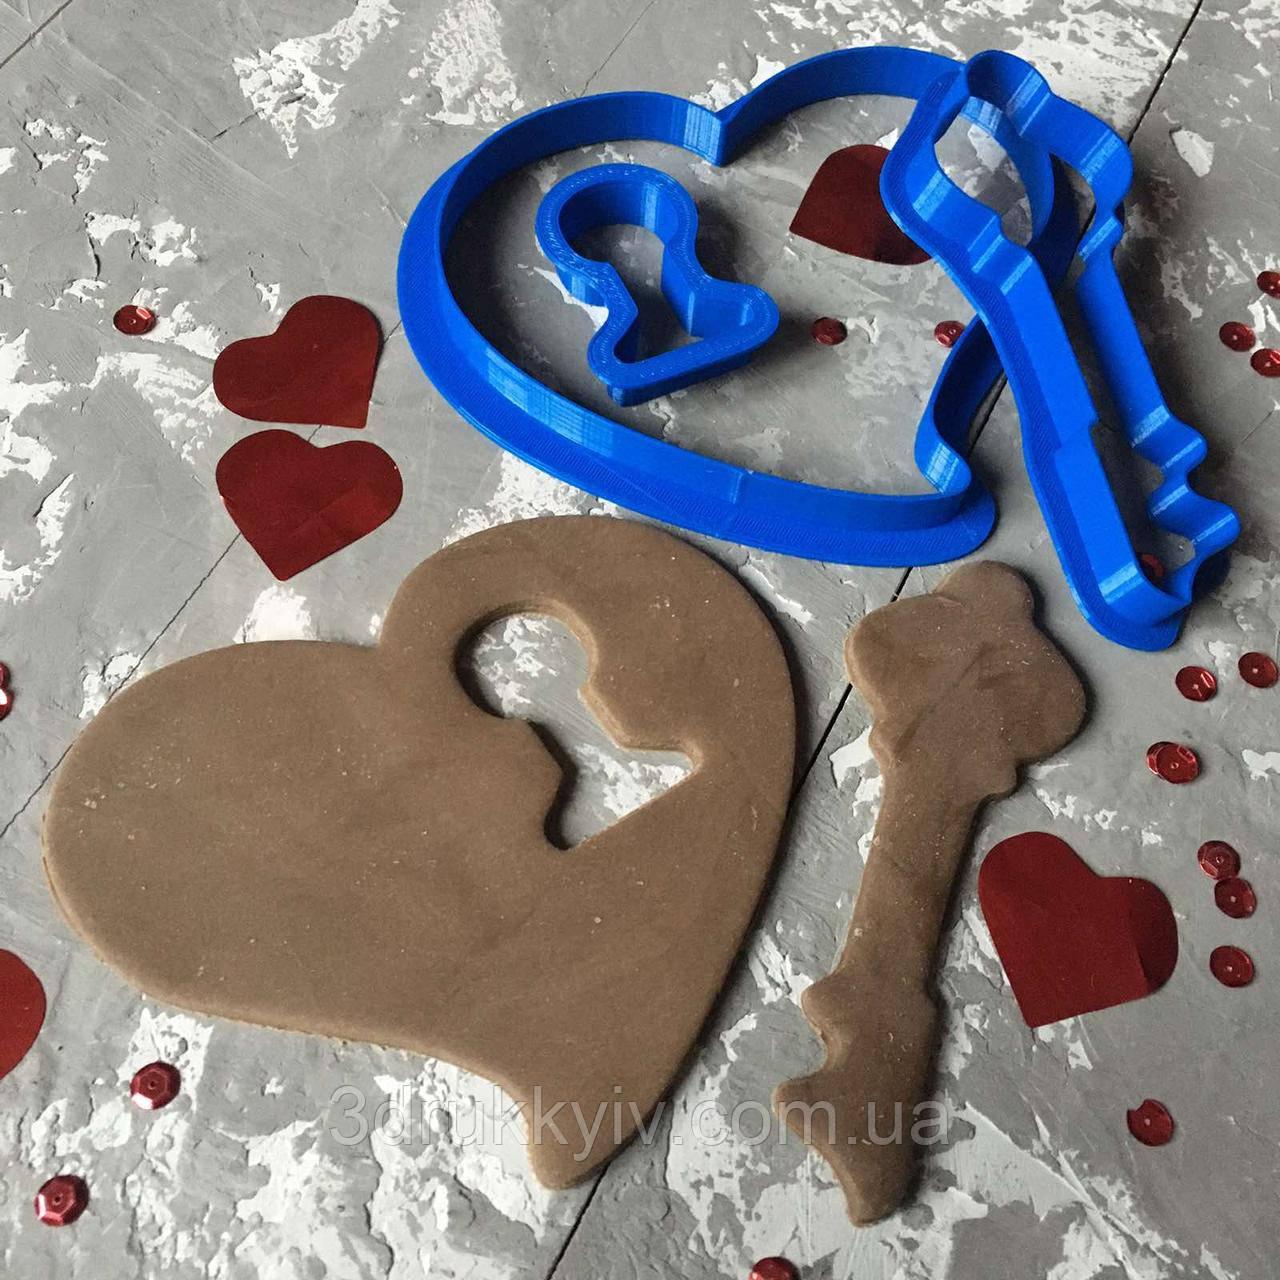 """Вирубки """"Серце і ключик"""" / Вырубка - формочка для пряников """"Сердце и ключик"""""""